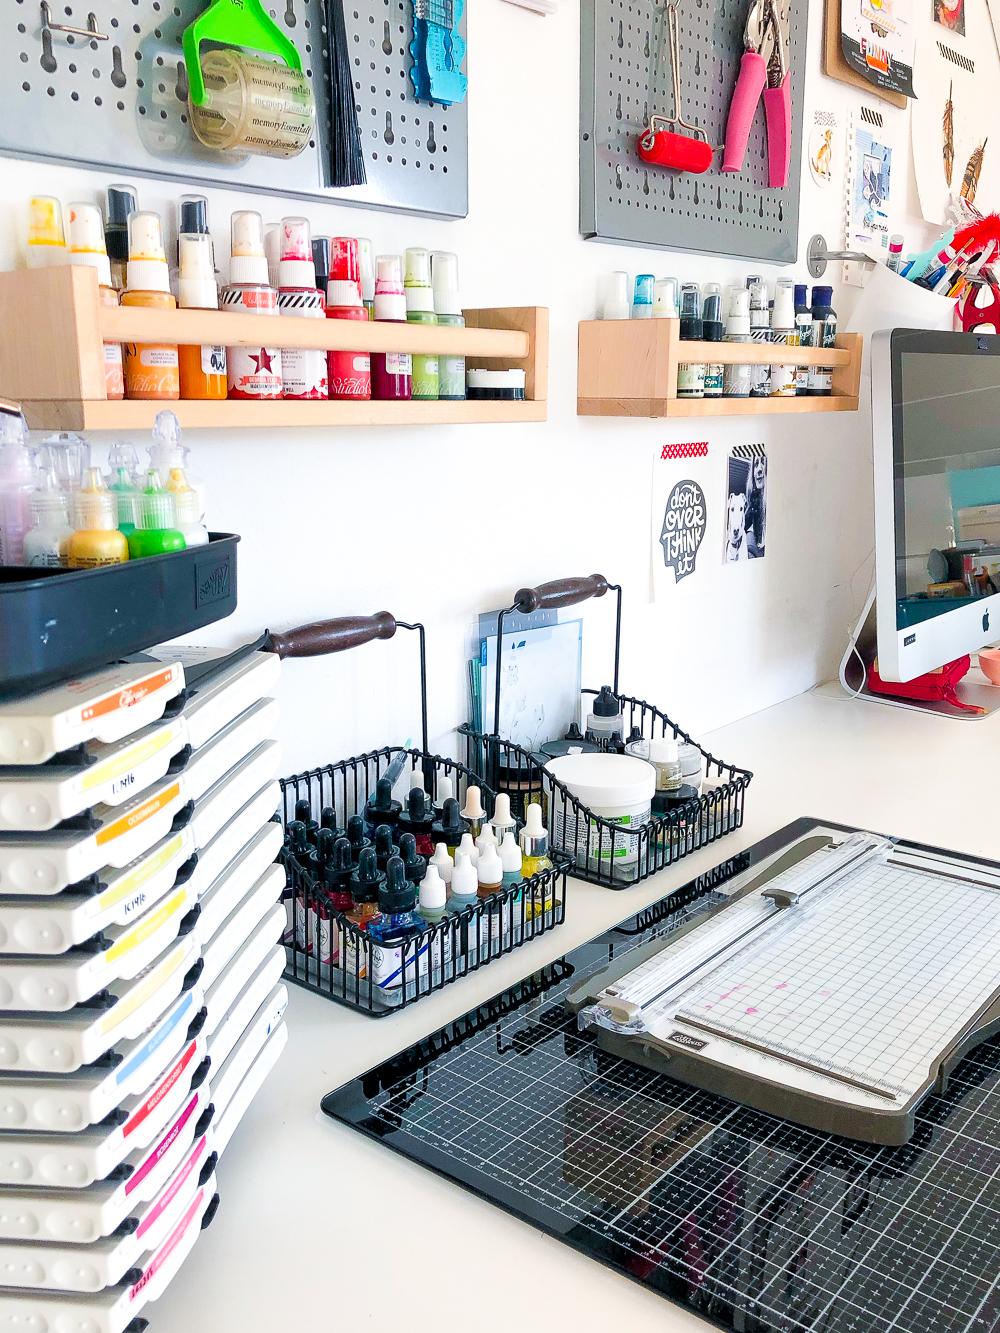 Full Size of Washi Tape Aufbewahrung Mit Ikea Hacks Von New Swedish Design Fr Betten Bei Sofa Schlaffunktion Modulküche 160x200 Küche Kosten Bett Aufbewahrungssystem Wohnzimmer Ikea Hacks Aufbewahrung